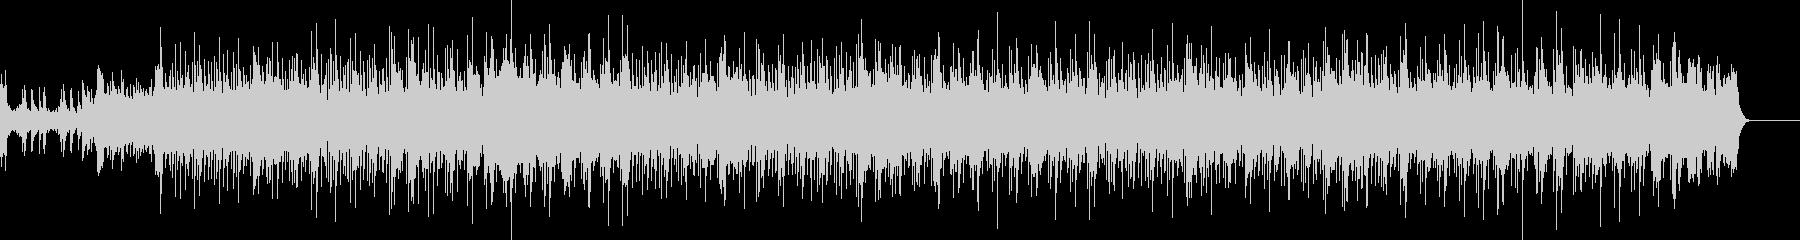 サイバーなピアノエレクトロの未再生の波形